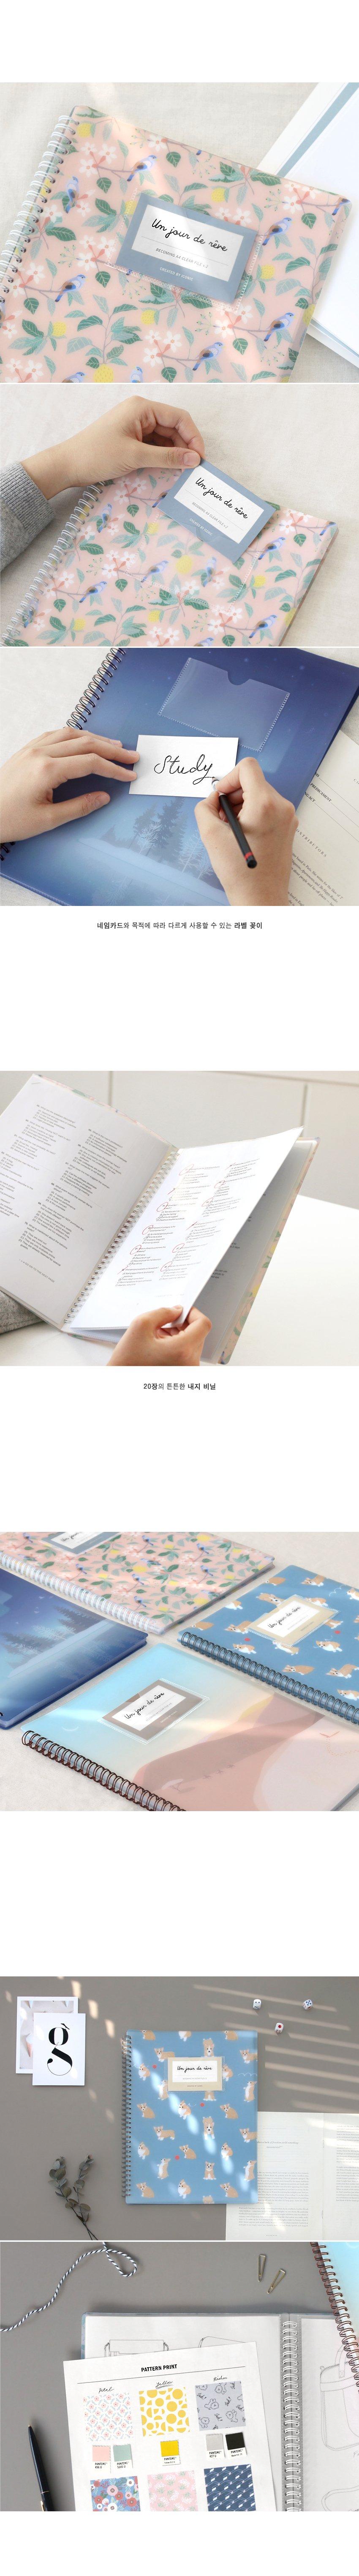 아이코닉 비커밍 A4 클리어파일 v.26,800원-아이코닉디자인문구, 파일/바인더, 파일/클립보드, 클리어화일바보사랑아이코닉 비커밍 A4 클리어파일 v.26,800원-아이코닉디자인문구, 파일/바인더, 파일/클립보드, 클리어화일바보사랑